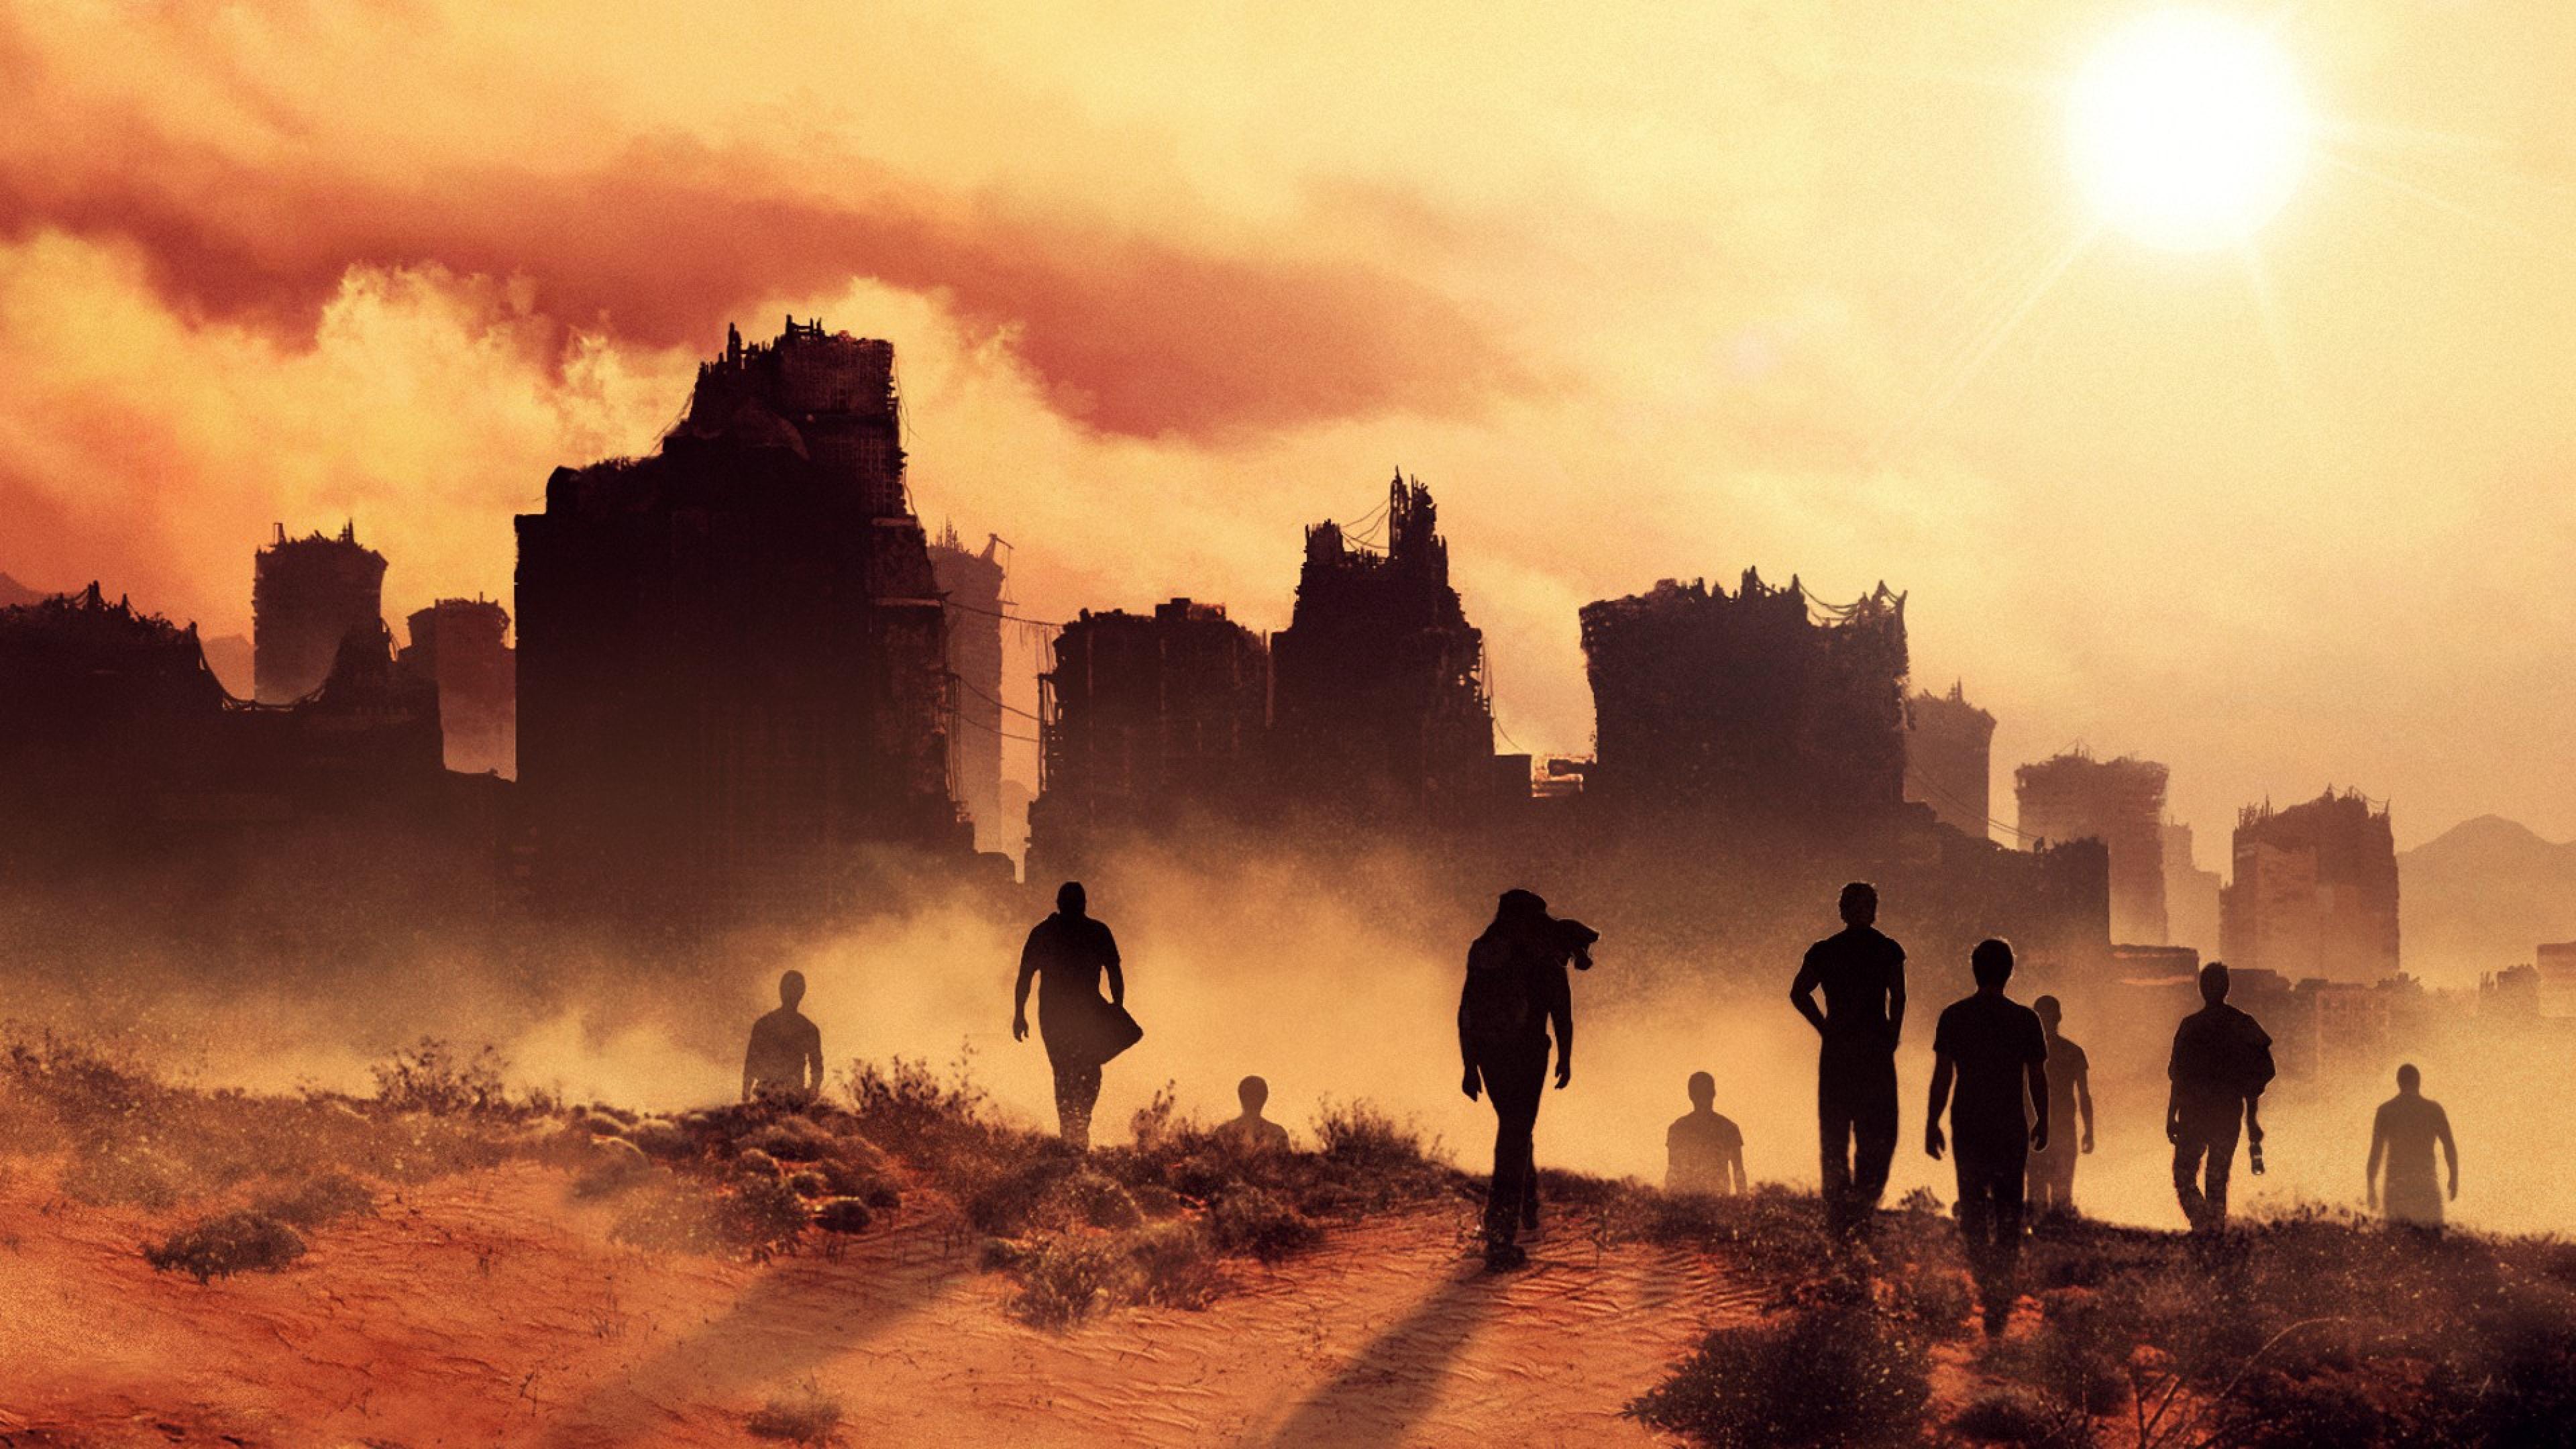 Maze Runner: Scorch Trials HQ wallpapers